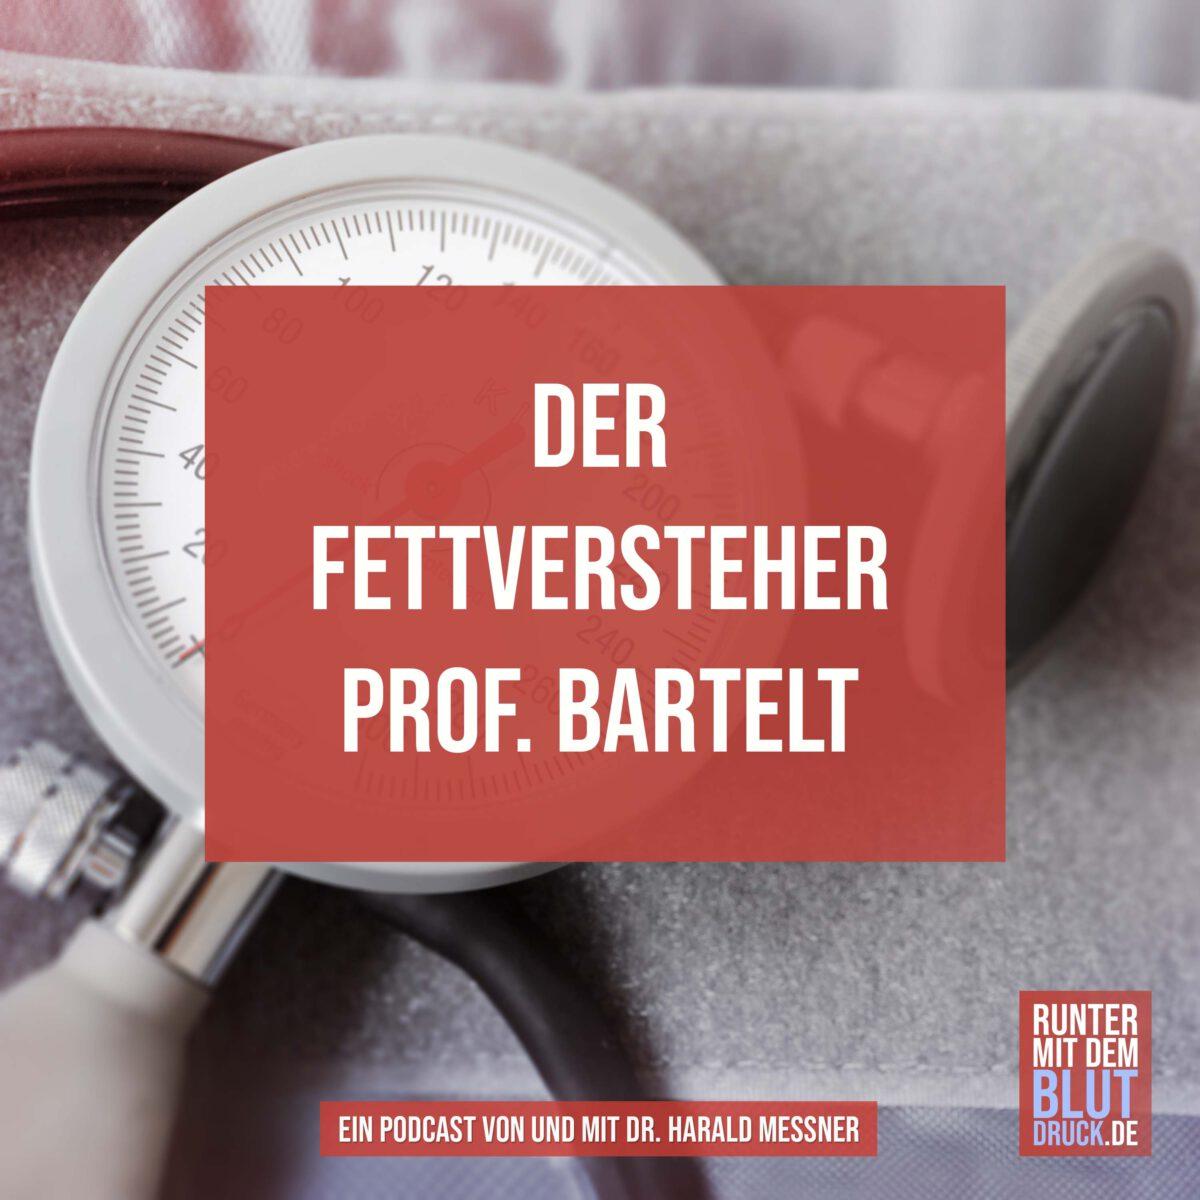 Der Fettversteher Prof. Bartelt